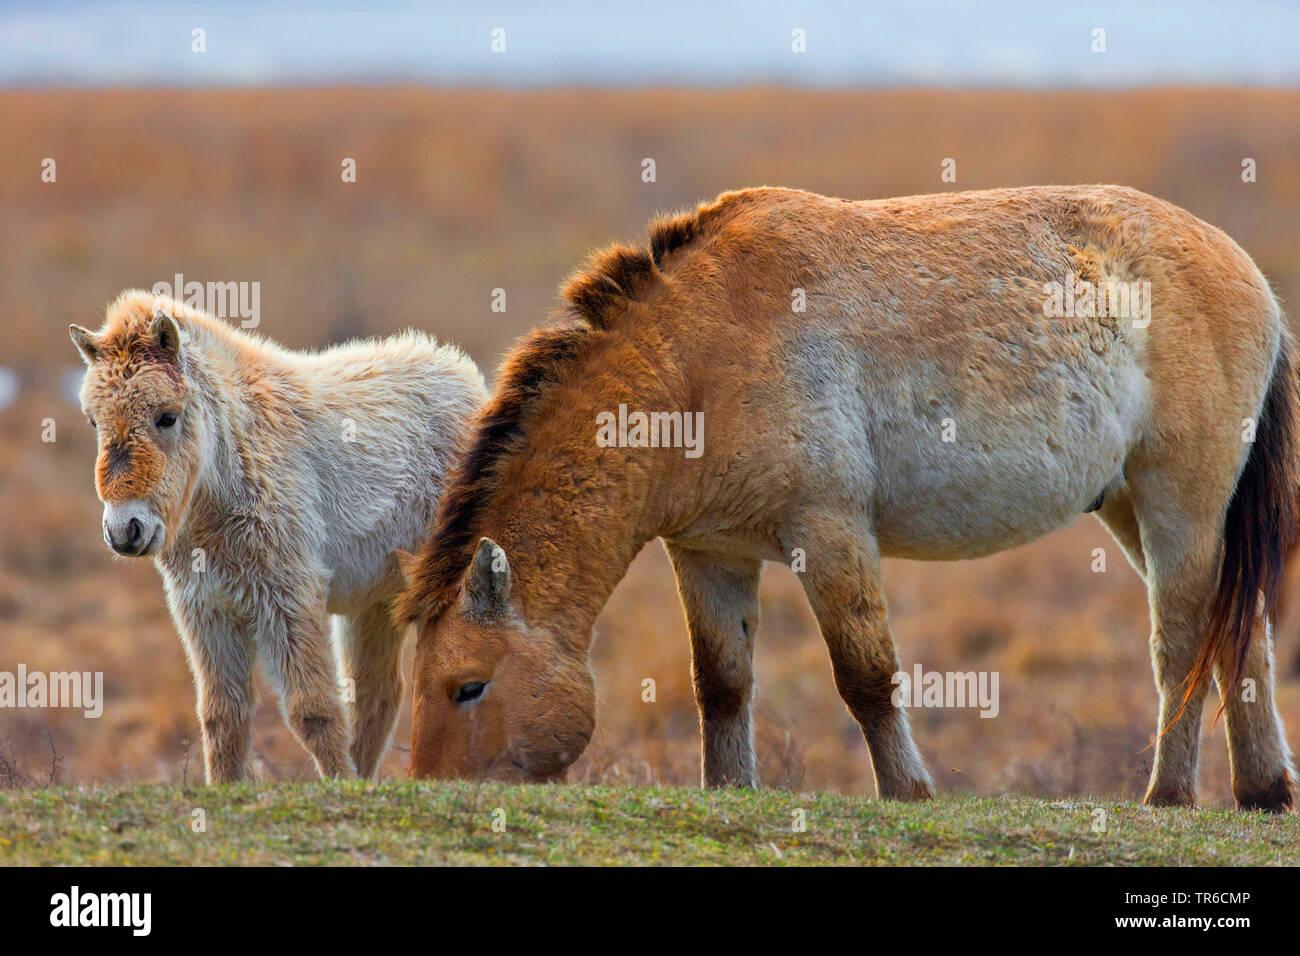 Przewalskipferd, Przewalski-Pferd, Przewalski-Wildpferd, Asiatisches Wildpferd, Mongolisches Wildpferd (Equus przewalski), Stute mit Fohlen im Feuchtg - Stock Image